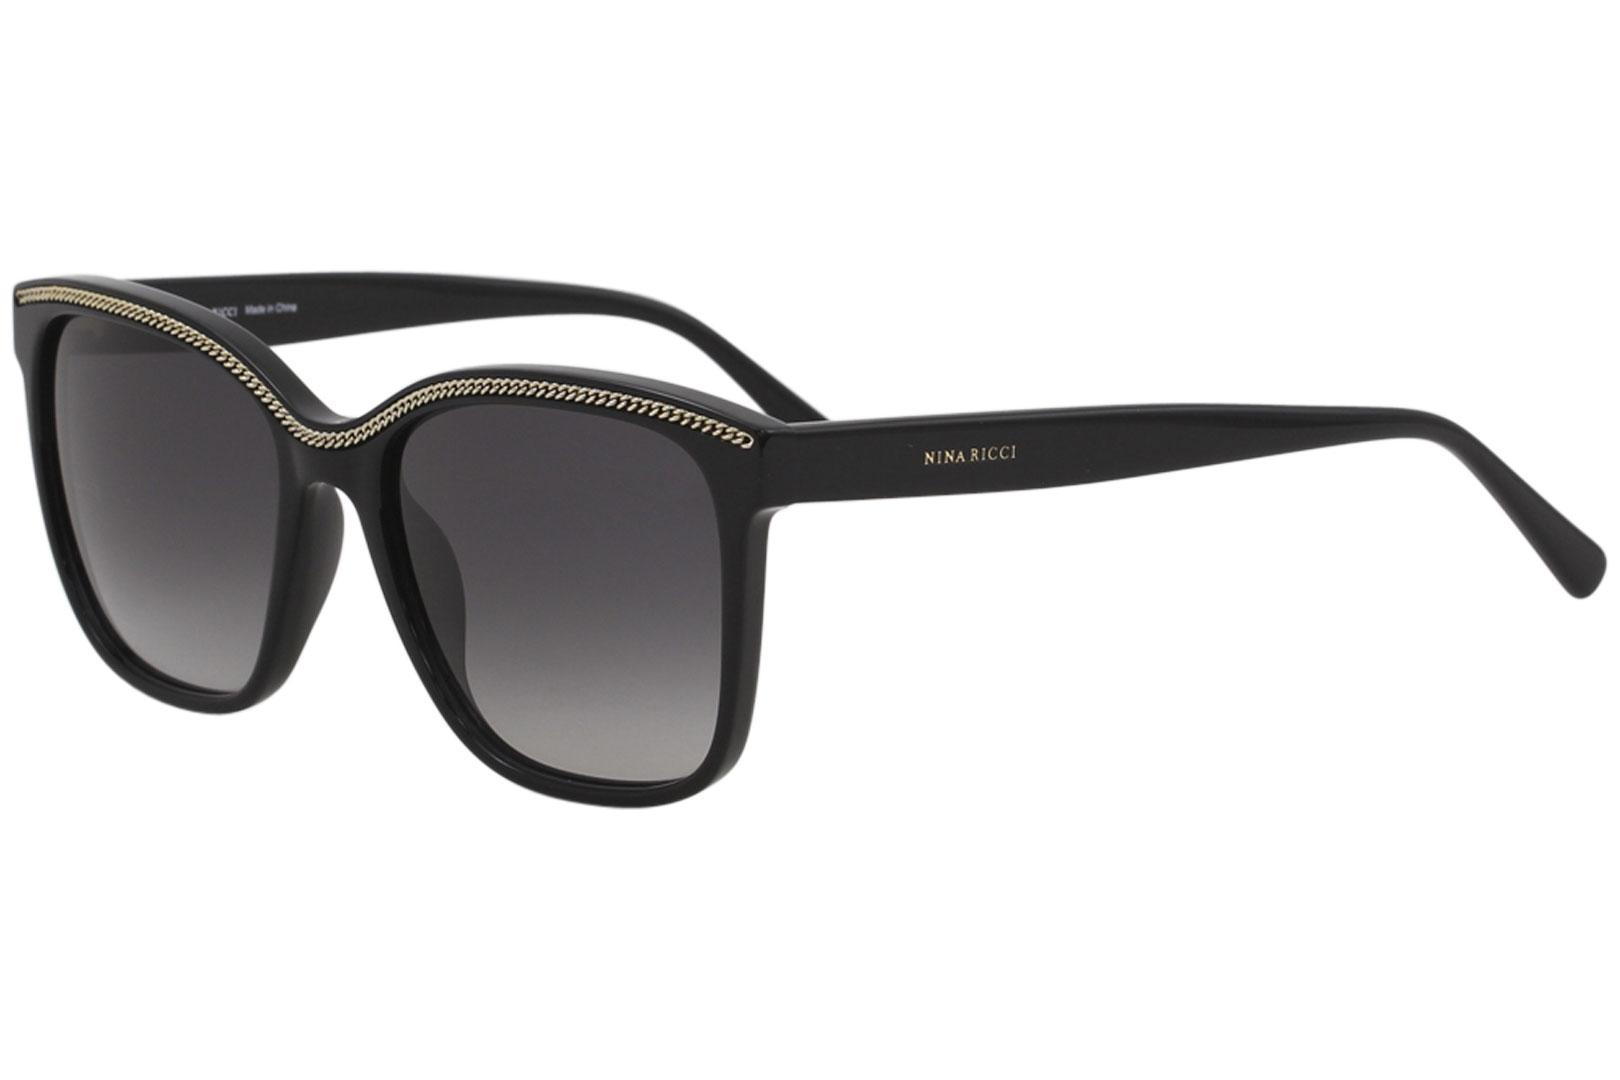 b64976ffcbb3 Nina Ricci Women's SNR096 SNR/096 Fashion Square Sunglasses